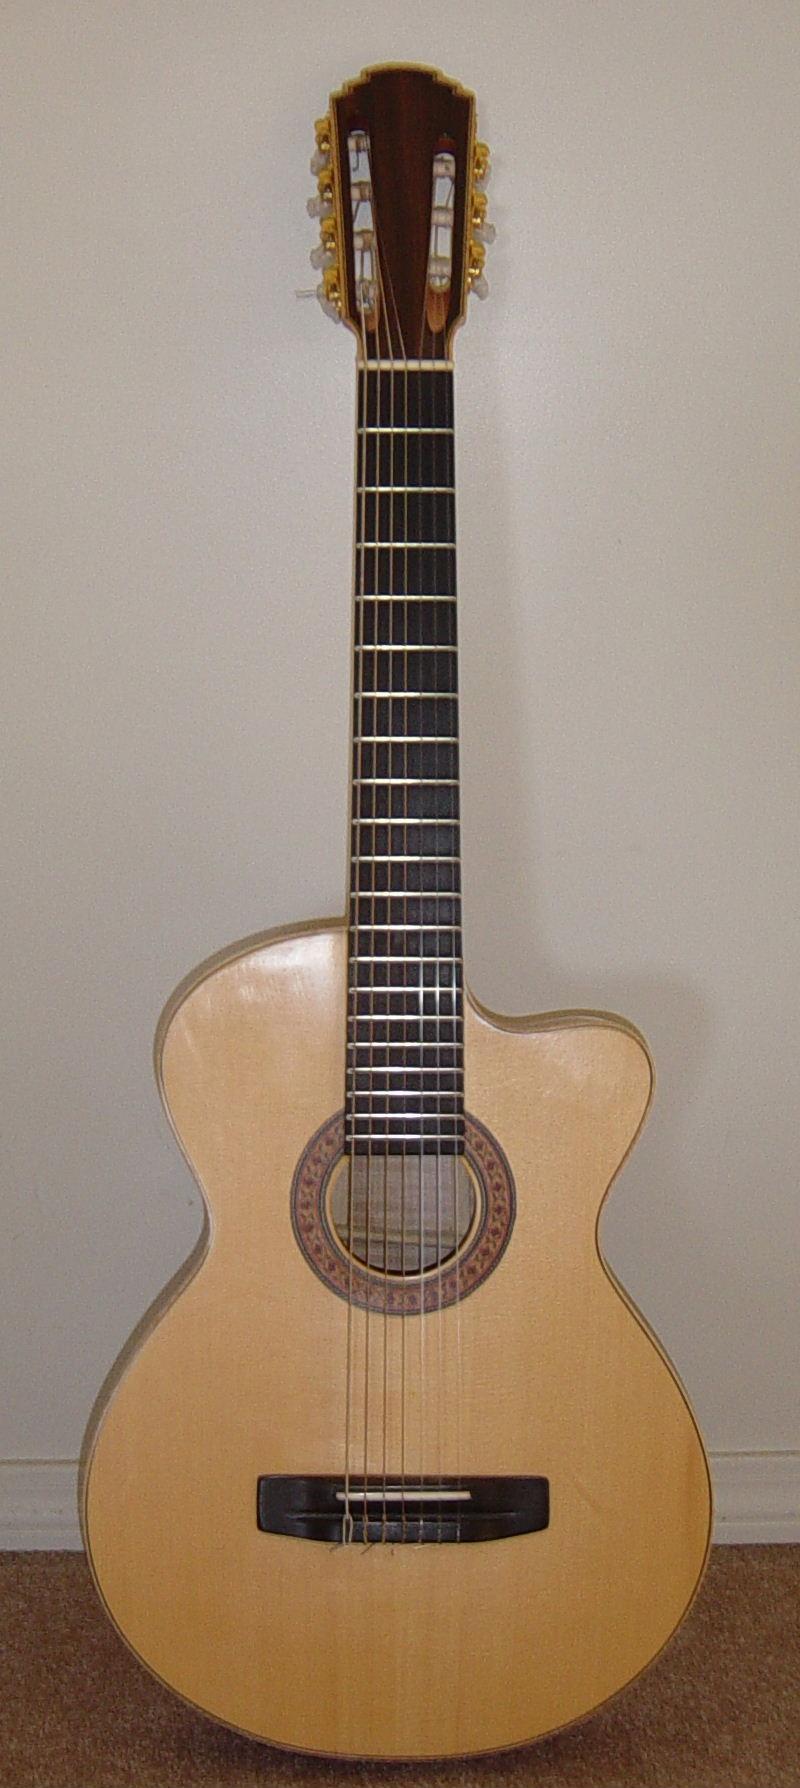 borys_guitars_e14a2cbb_170567.jpg